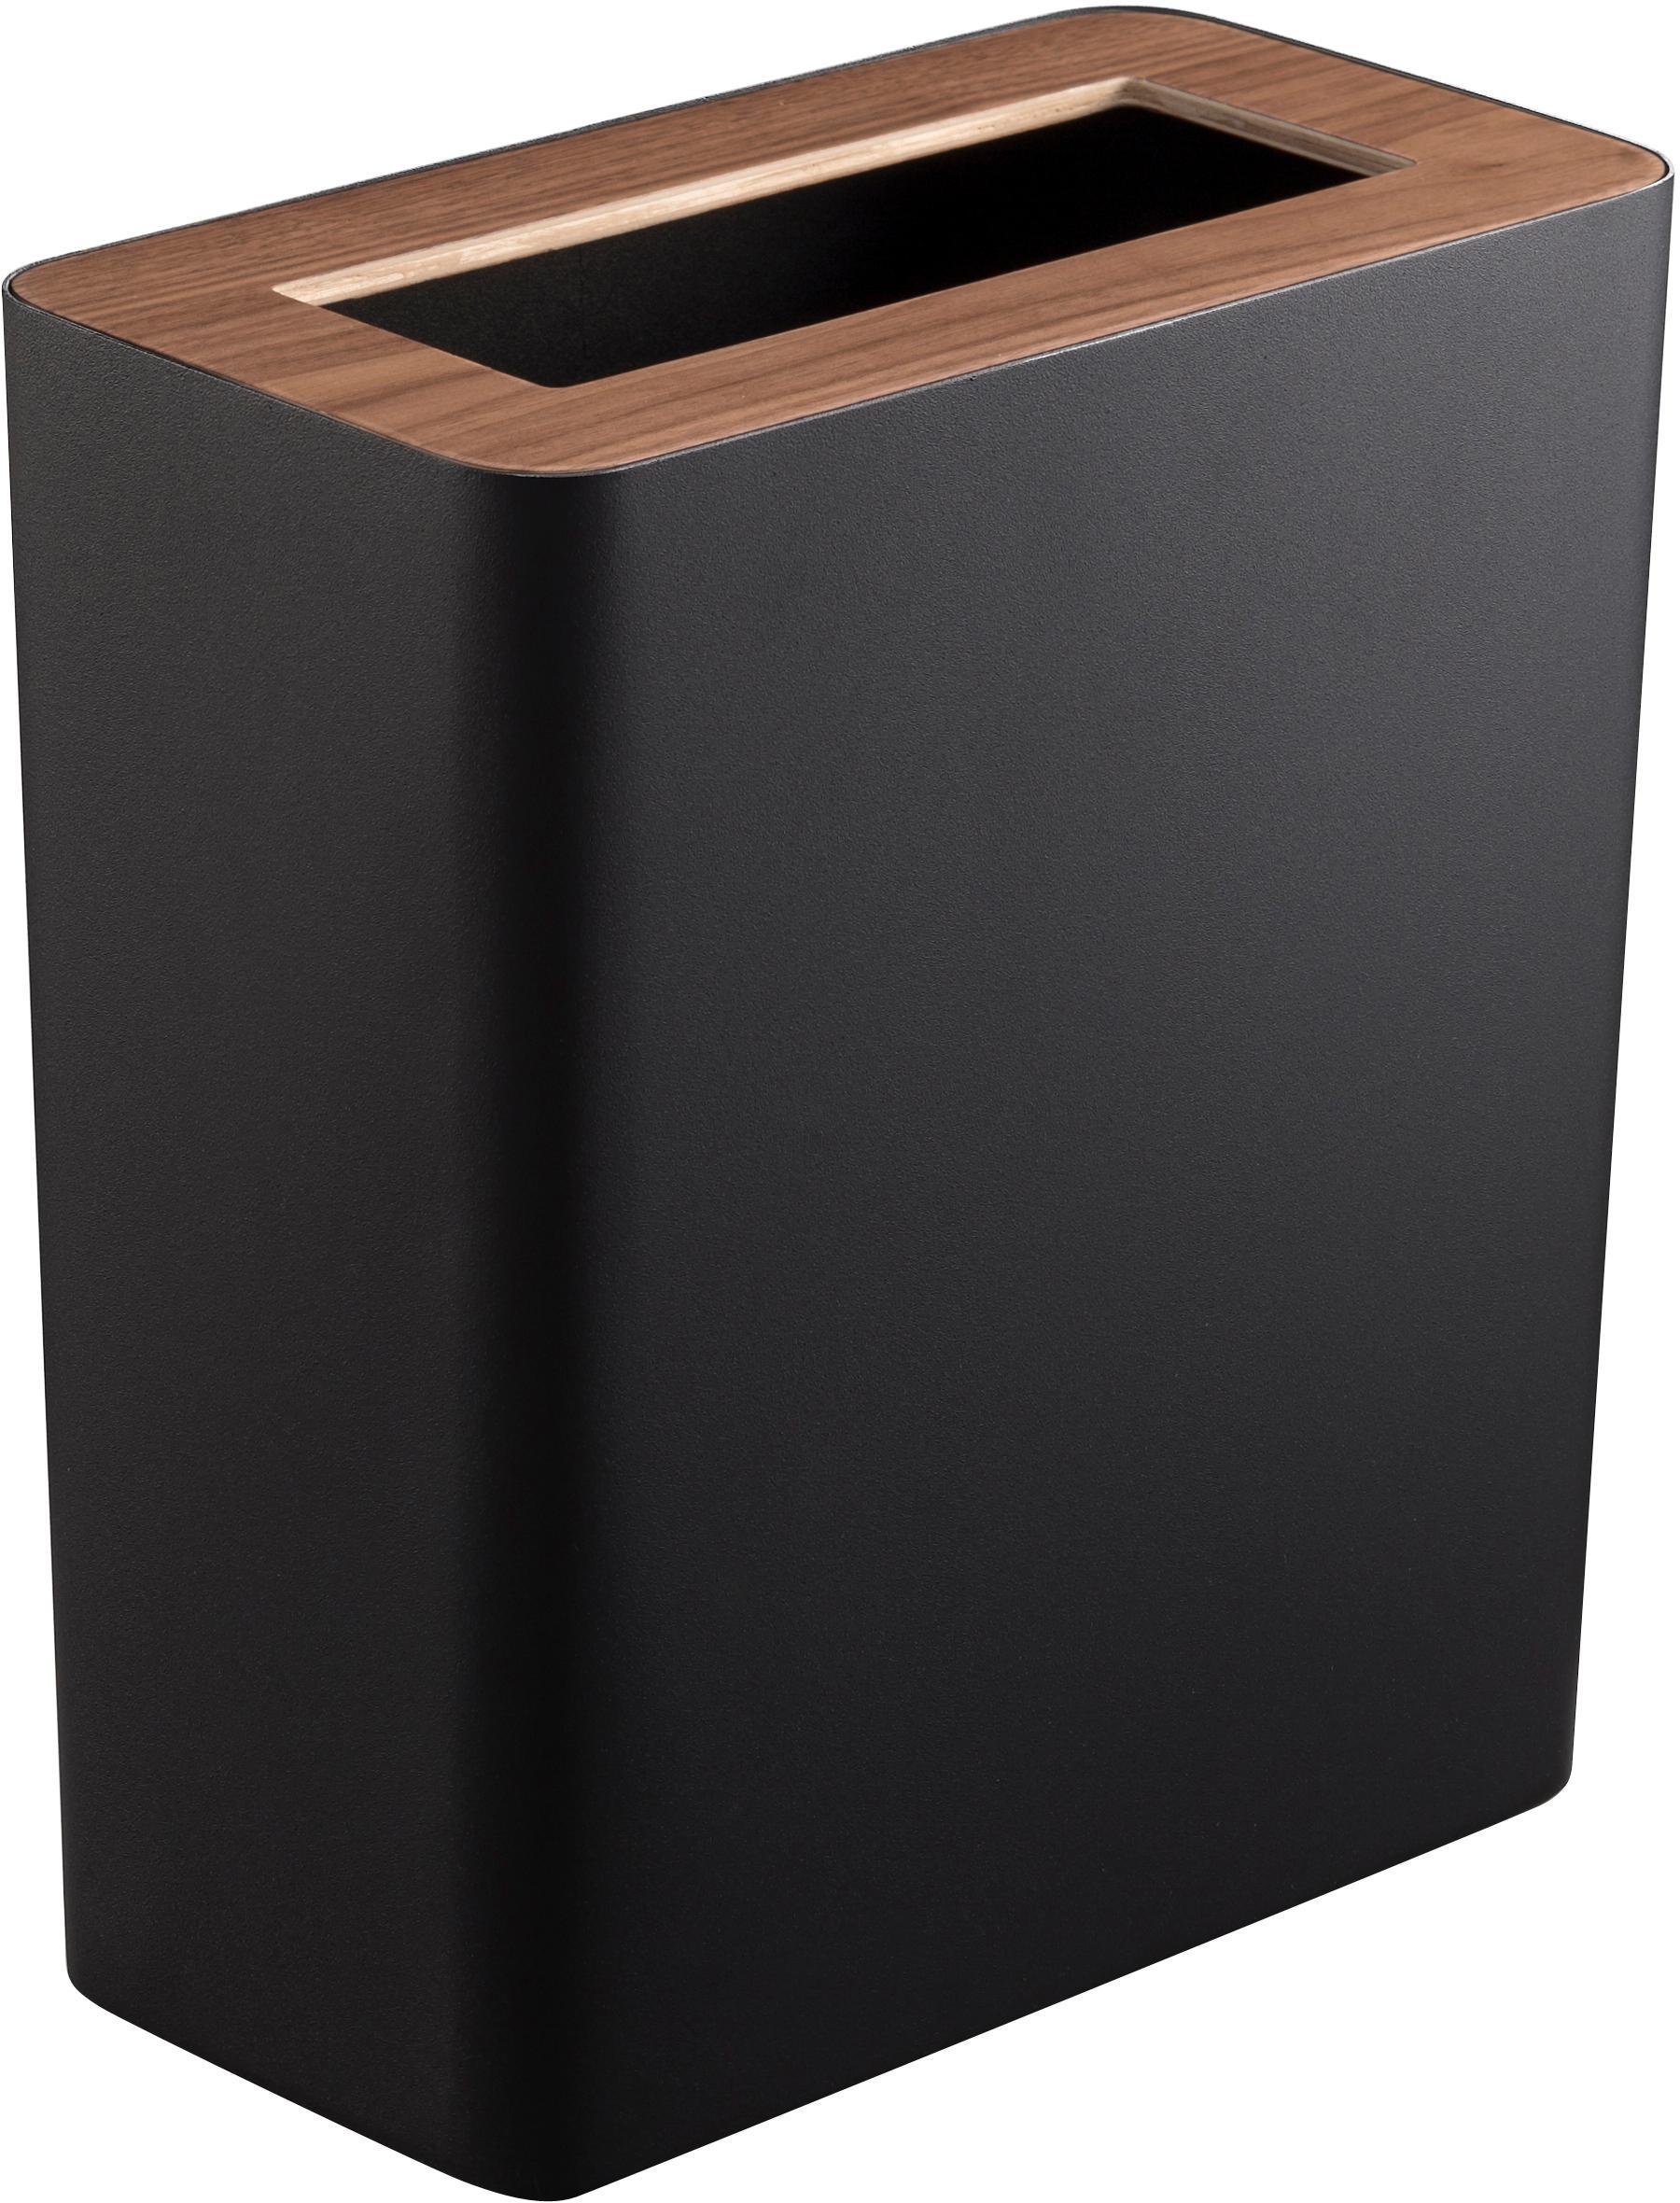 Cestino Rin in acciaio verniciato, Coperchio: legno, Nero, marrone scuro, Larg. 28 x Alt. 30 cm